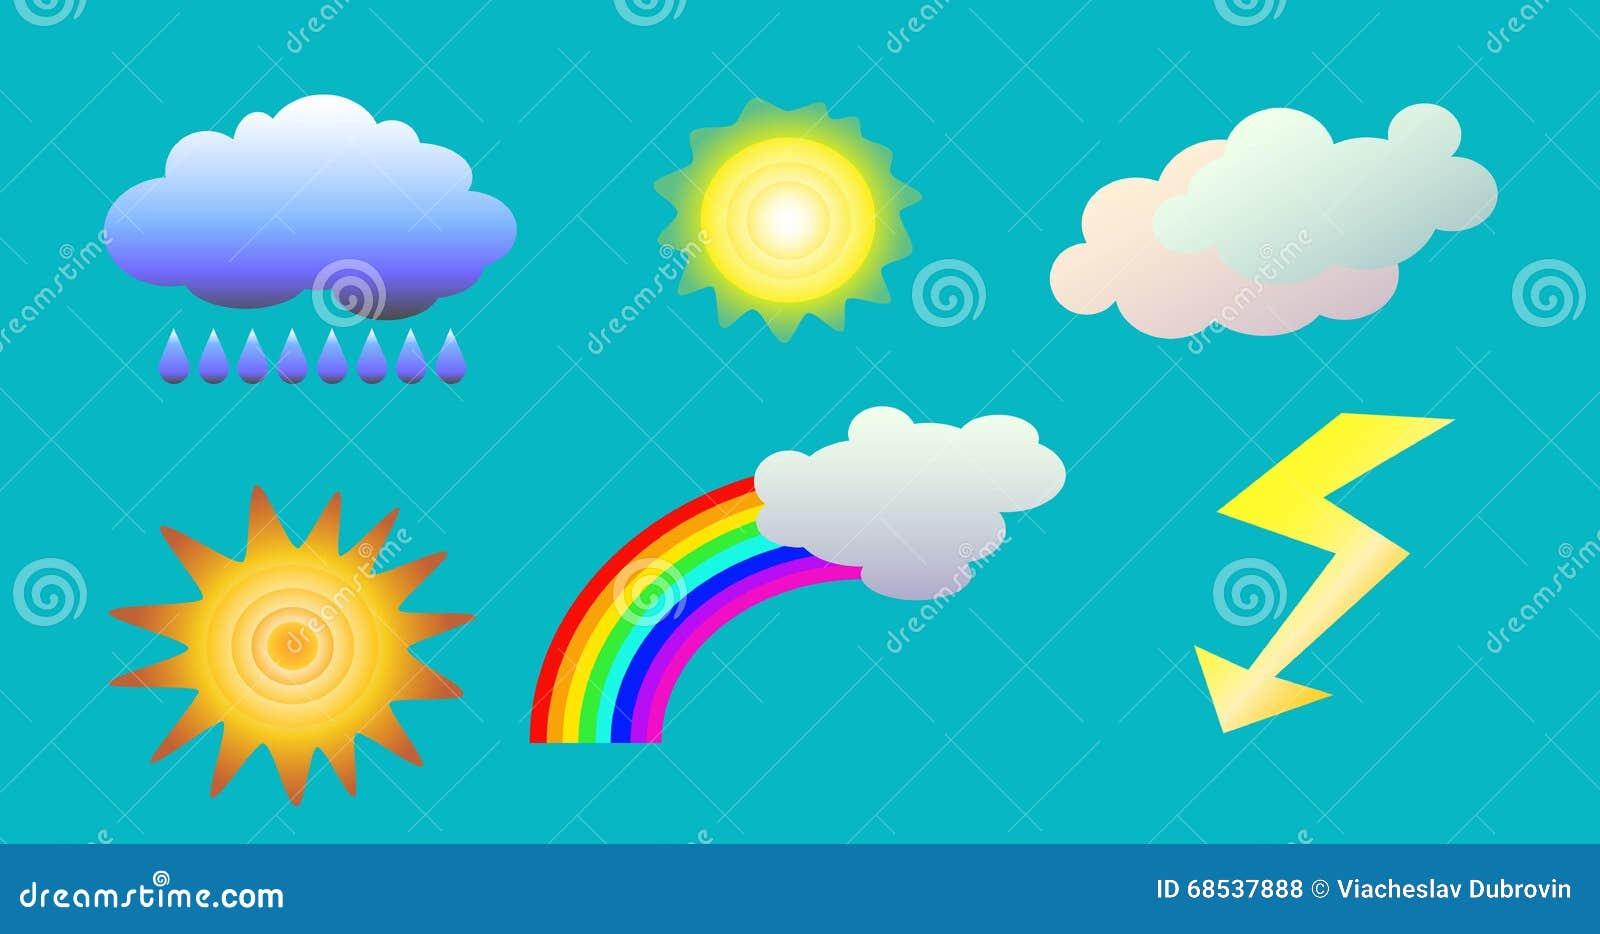 Cloud-Blauer Himmel clipart - Cartoon Wolken png herunterladen - 1136*936 -  Kostenlos transparent Blau png Herunterladen.